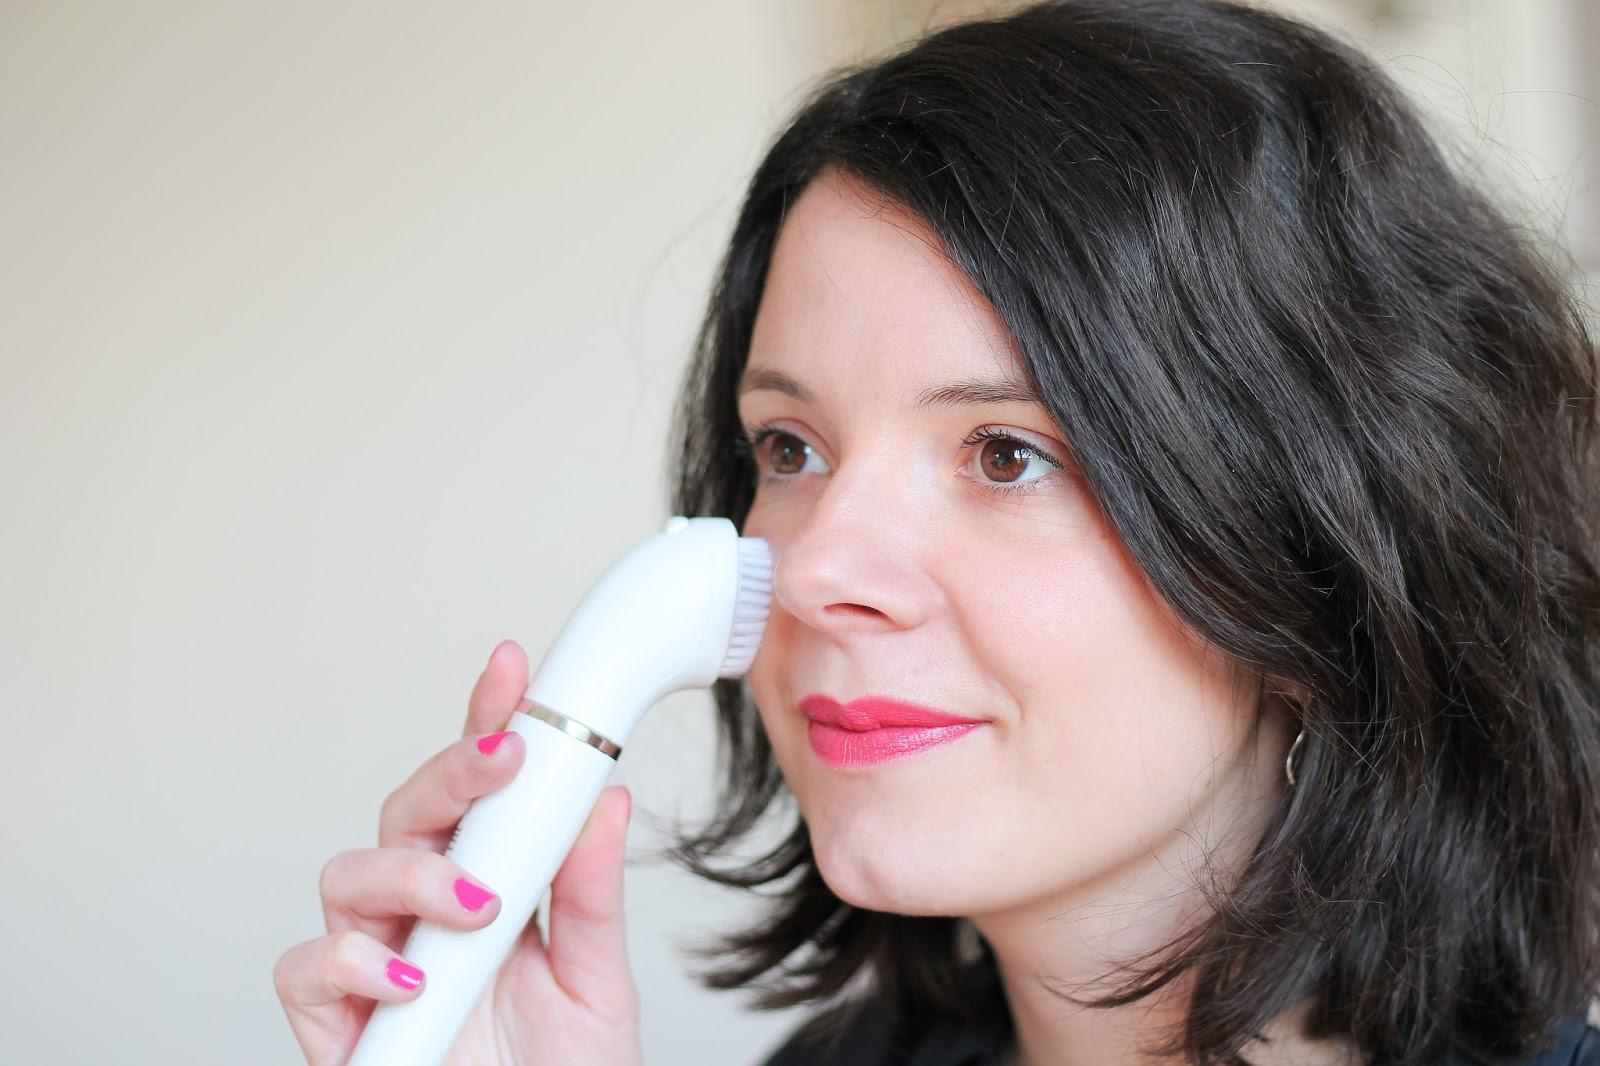 les gommettes de melo secret beauté astuces coulisses dessous du make up maquillage braun épilateur visage nettoyant tête pince